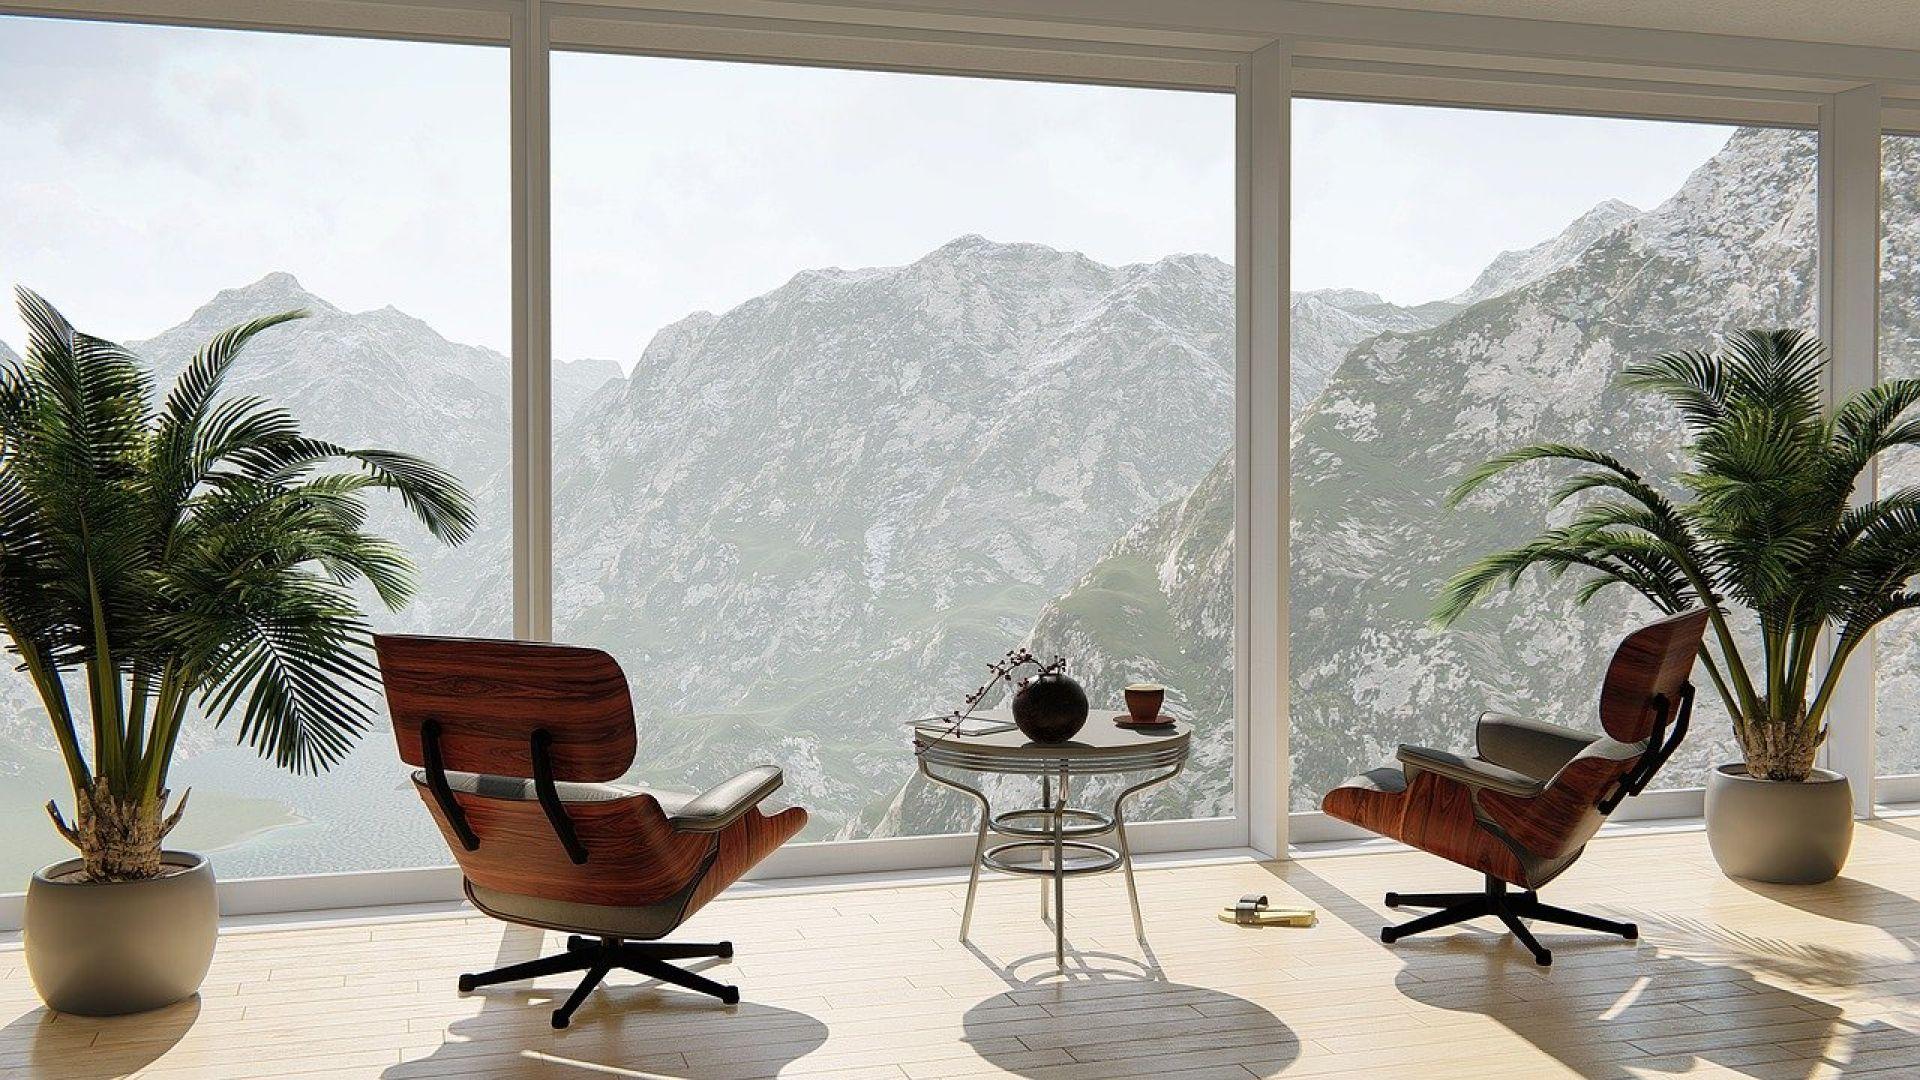 Okna dobiera się do pomieszczenia (inne właściwości okien niezbędne są bowiem w kuchni czy łazience, inne w pokoju dziecięcym) oraz odpowiednio do otoczenia. Fot. OknoPlus